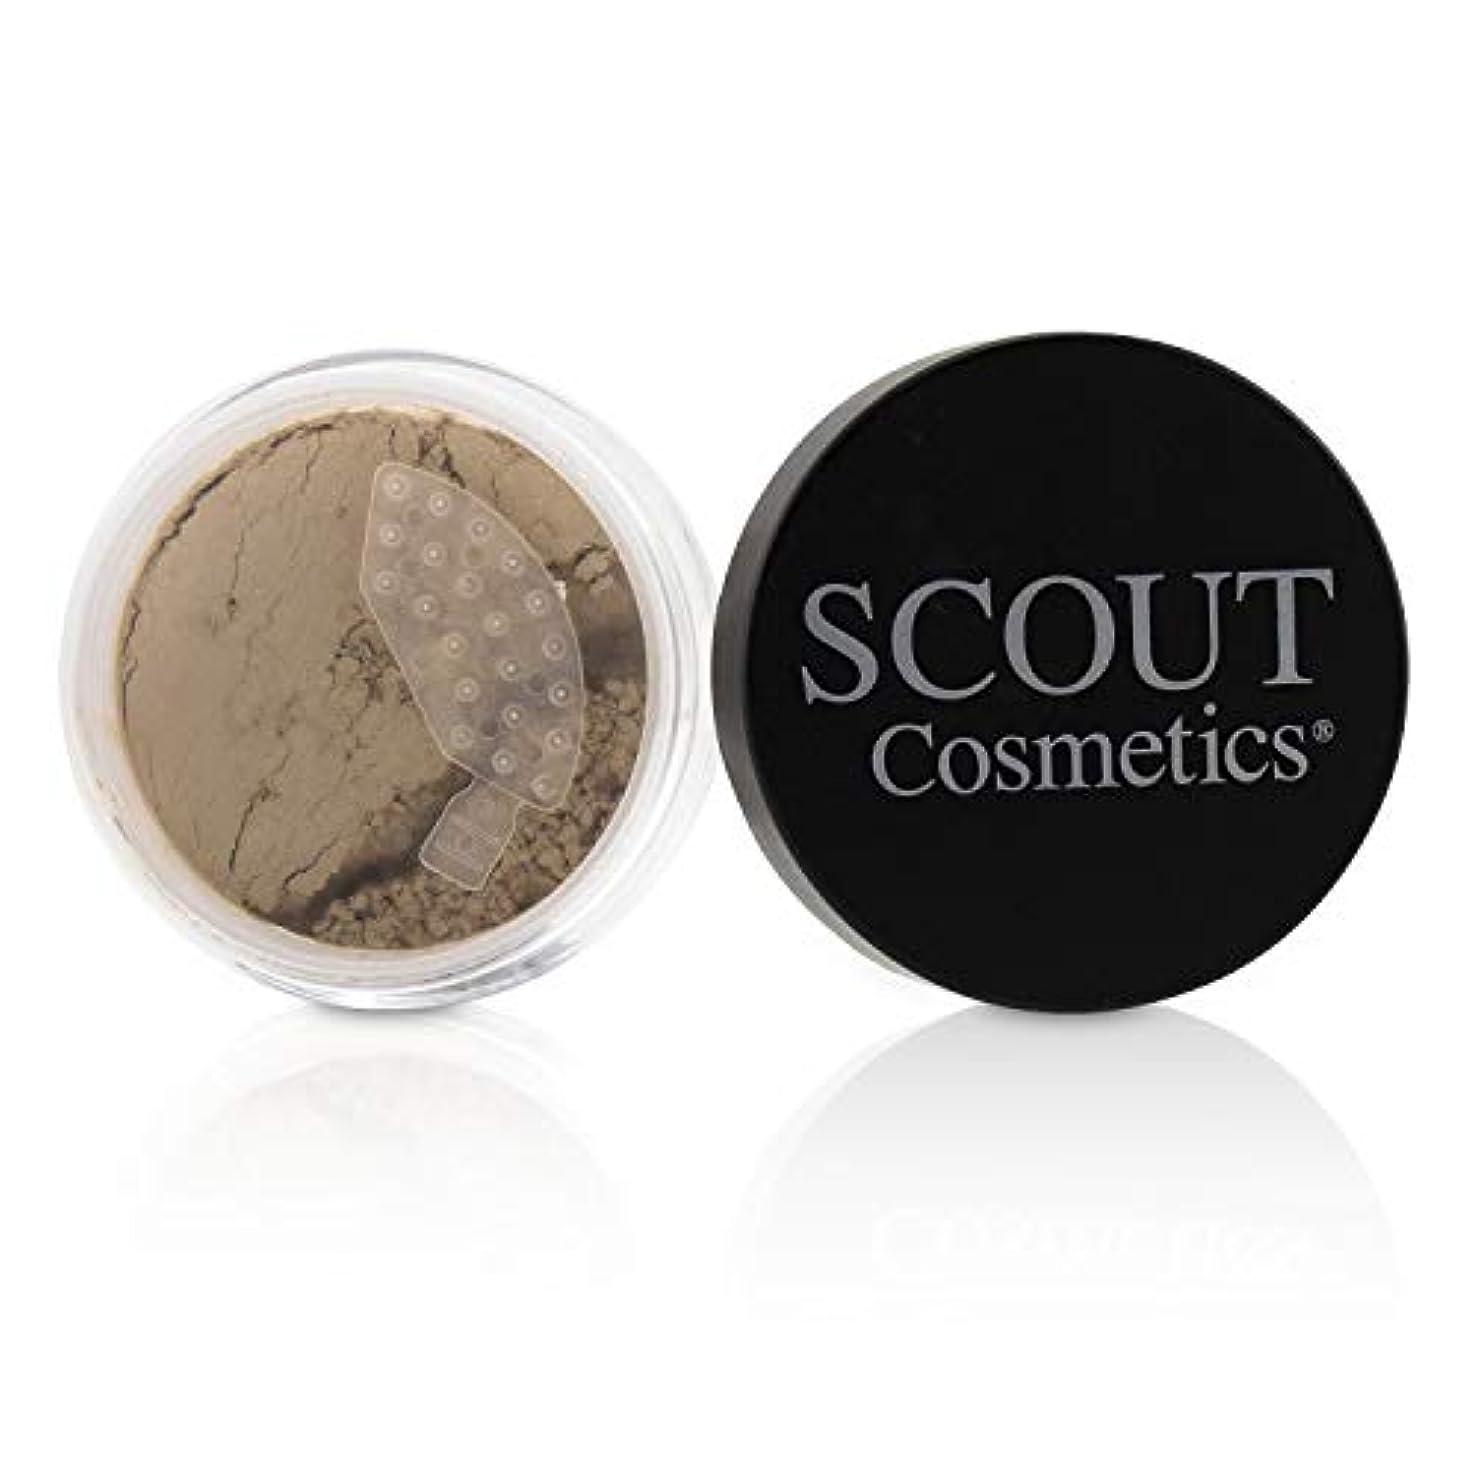 シャンパンジョイントうつSCOUT Cosmetics Mineral Powder Foundation SPF 20 - # Porcelain 8g/0.28oz並行輸入品